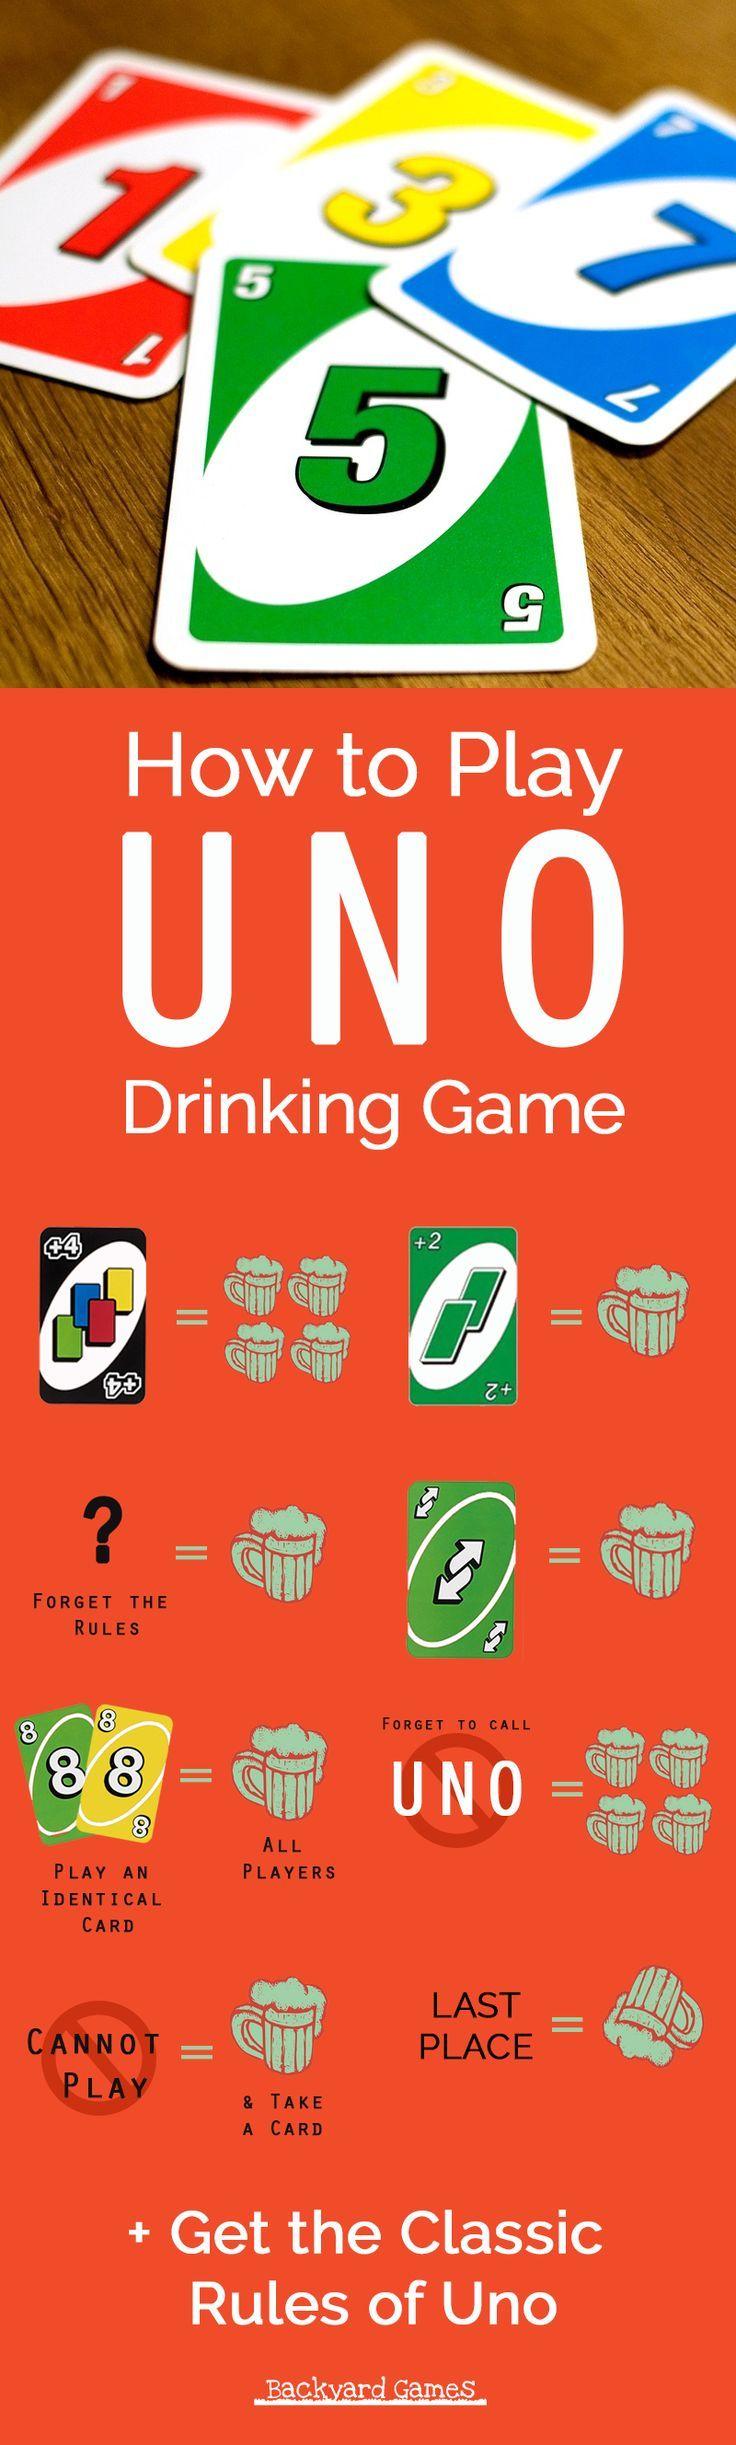 Uno Trinkspielregeln! Nicht nur ein klassisches Kinderspiel, alles was Sie brauchen, ist ein … #nonalcoholicbeverages